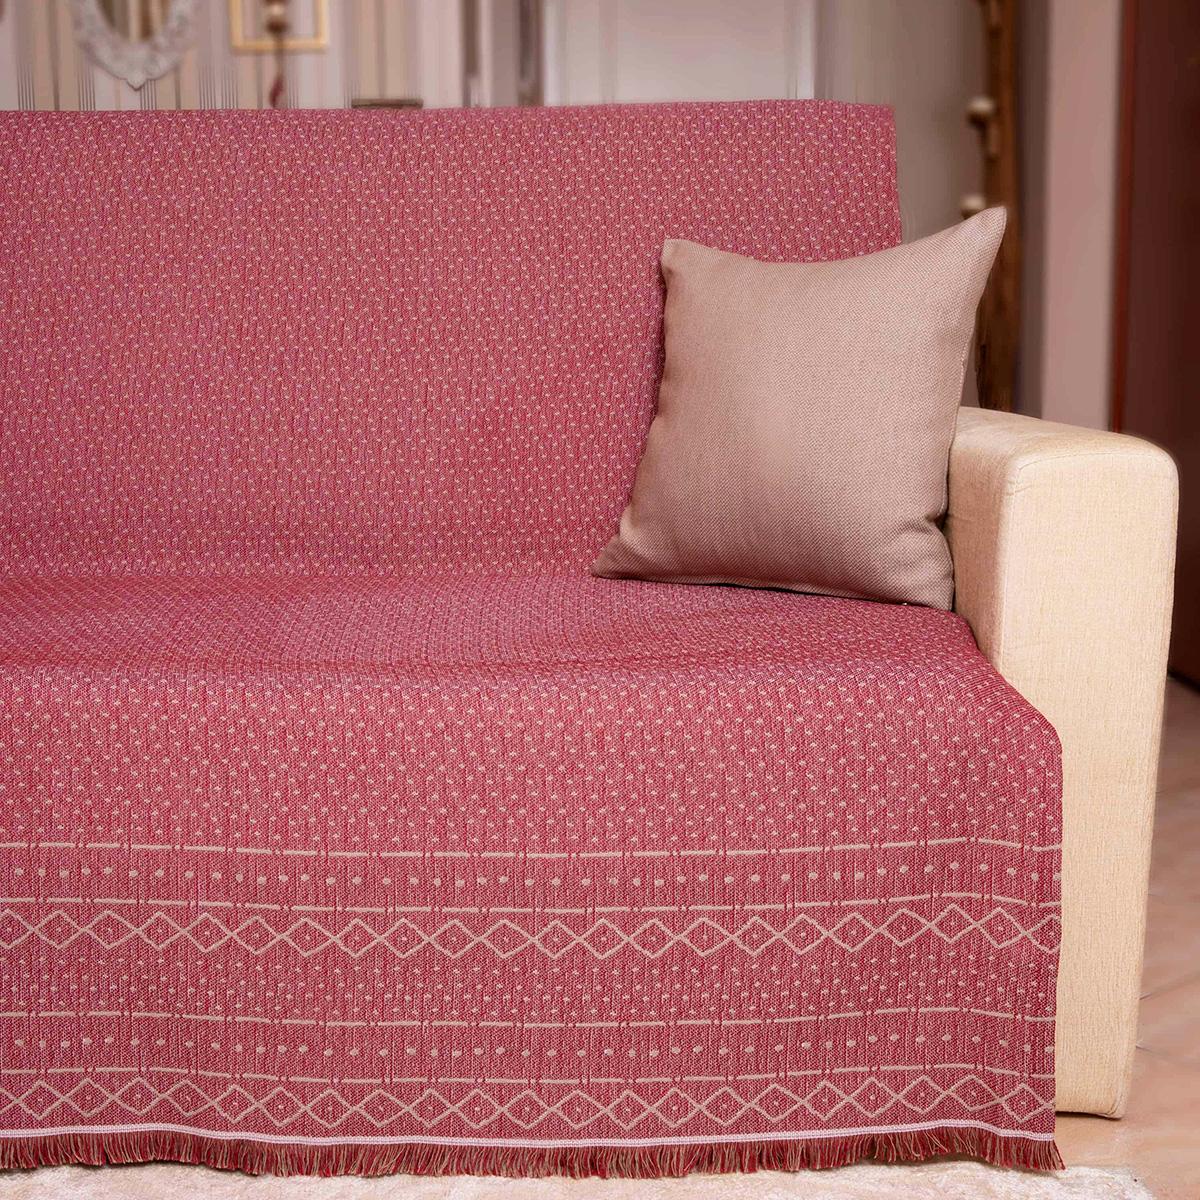 Ριχτάρι Διθέσιου 2 Όψεων (180×250) Loom To Room Gealic Bordeaux